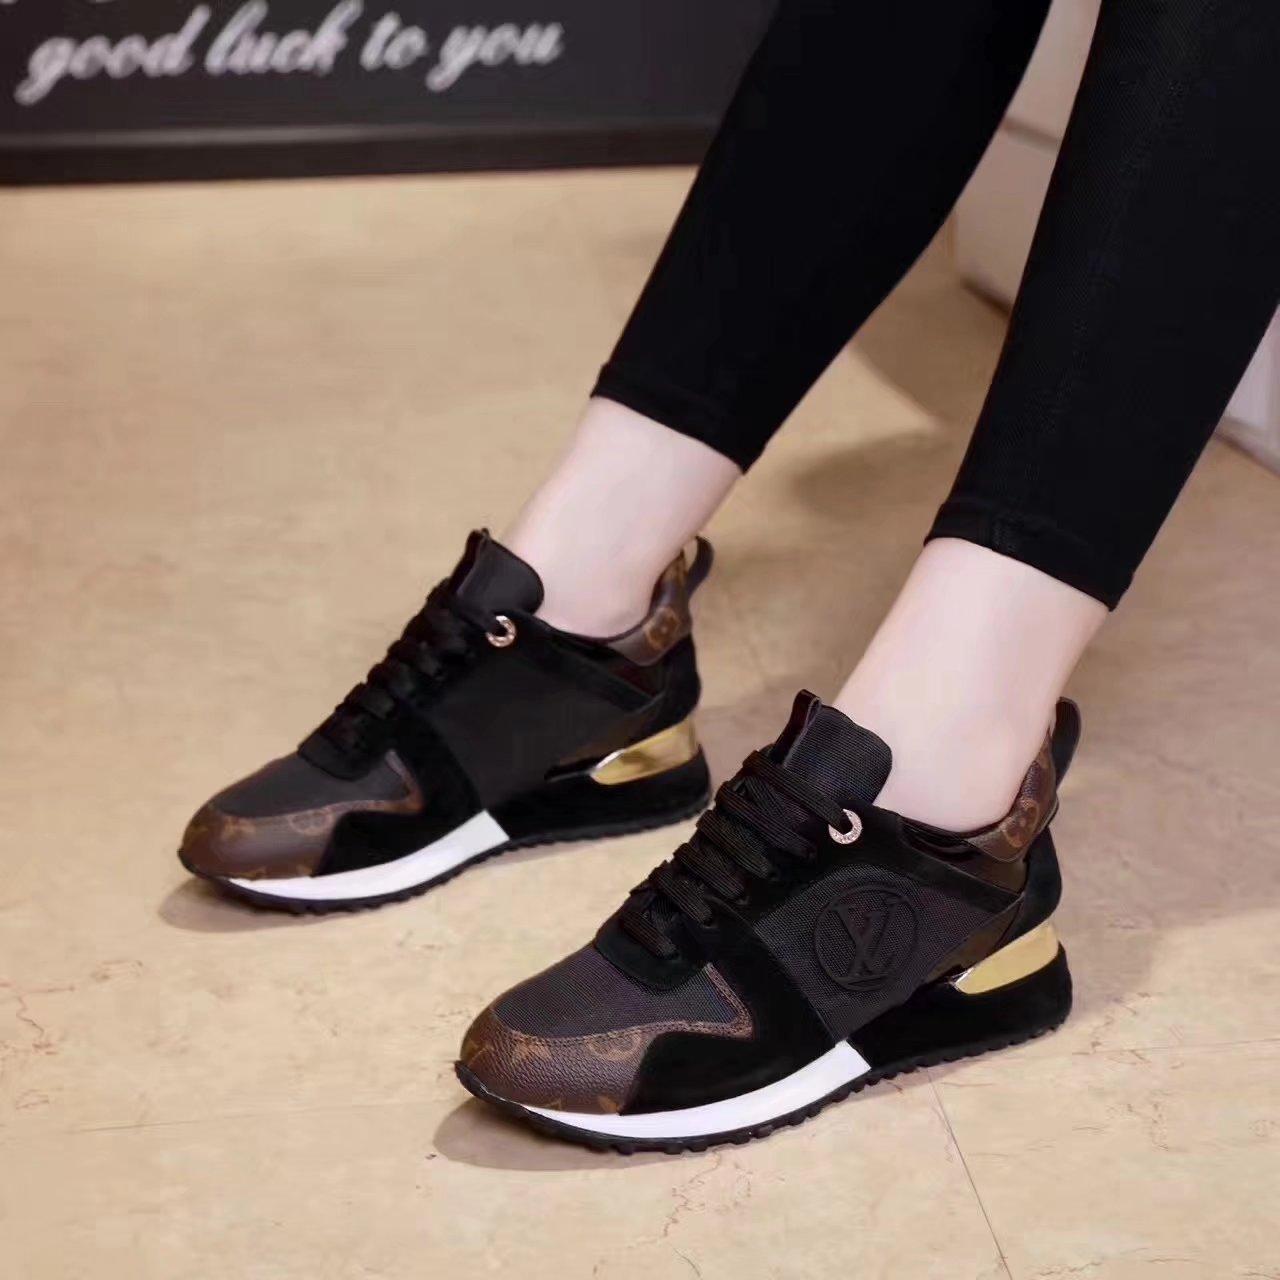 baskets louis vuitton femmes mode supreme comfortable black